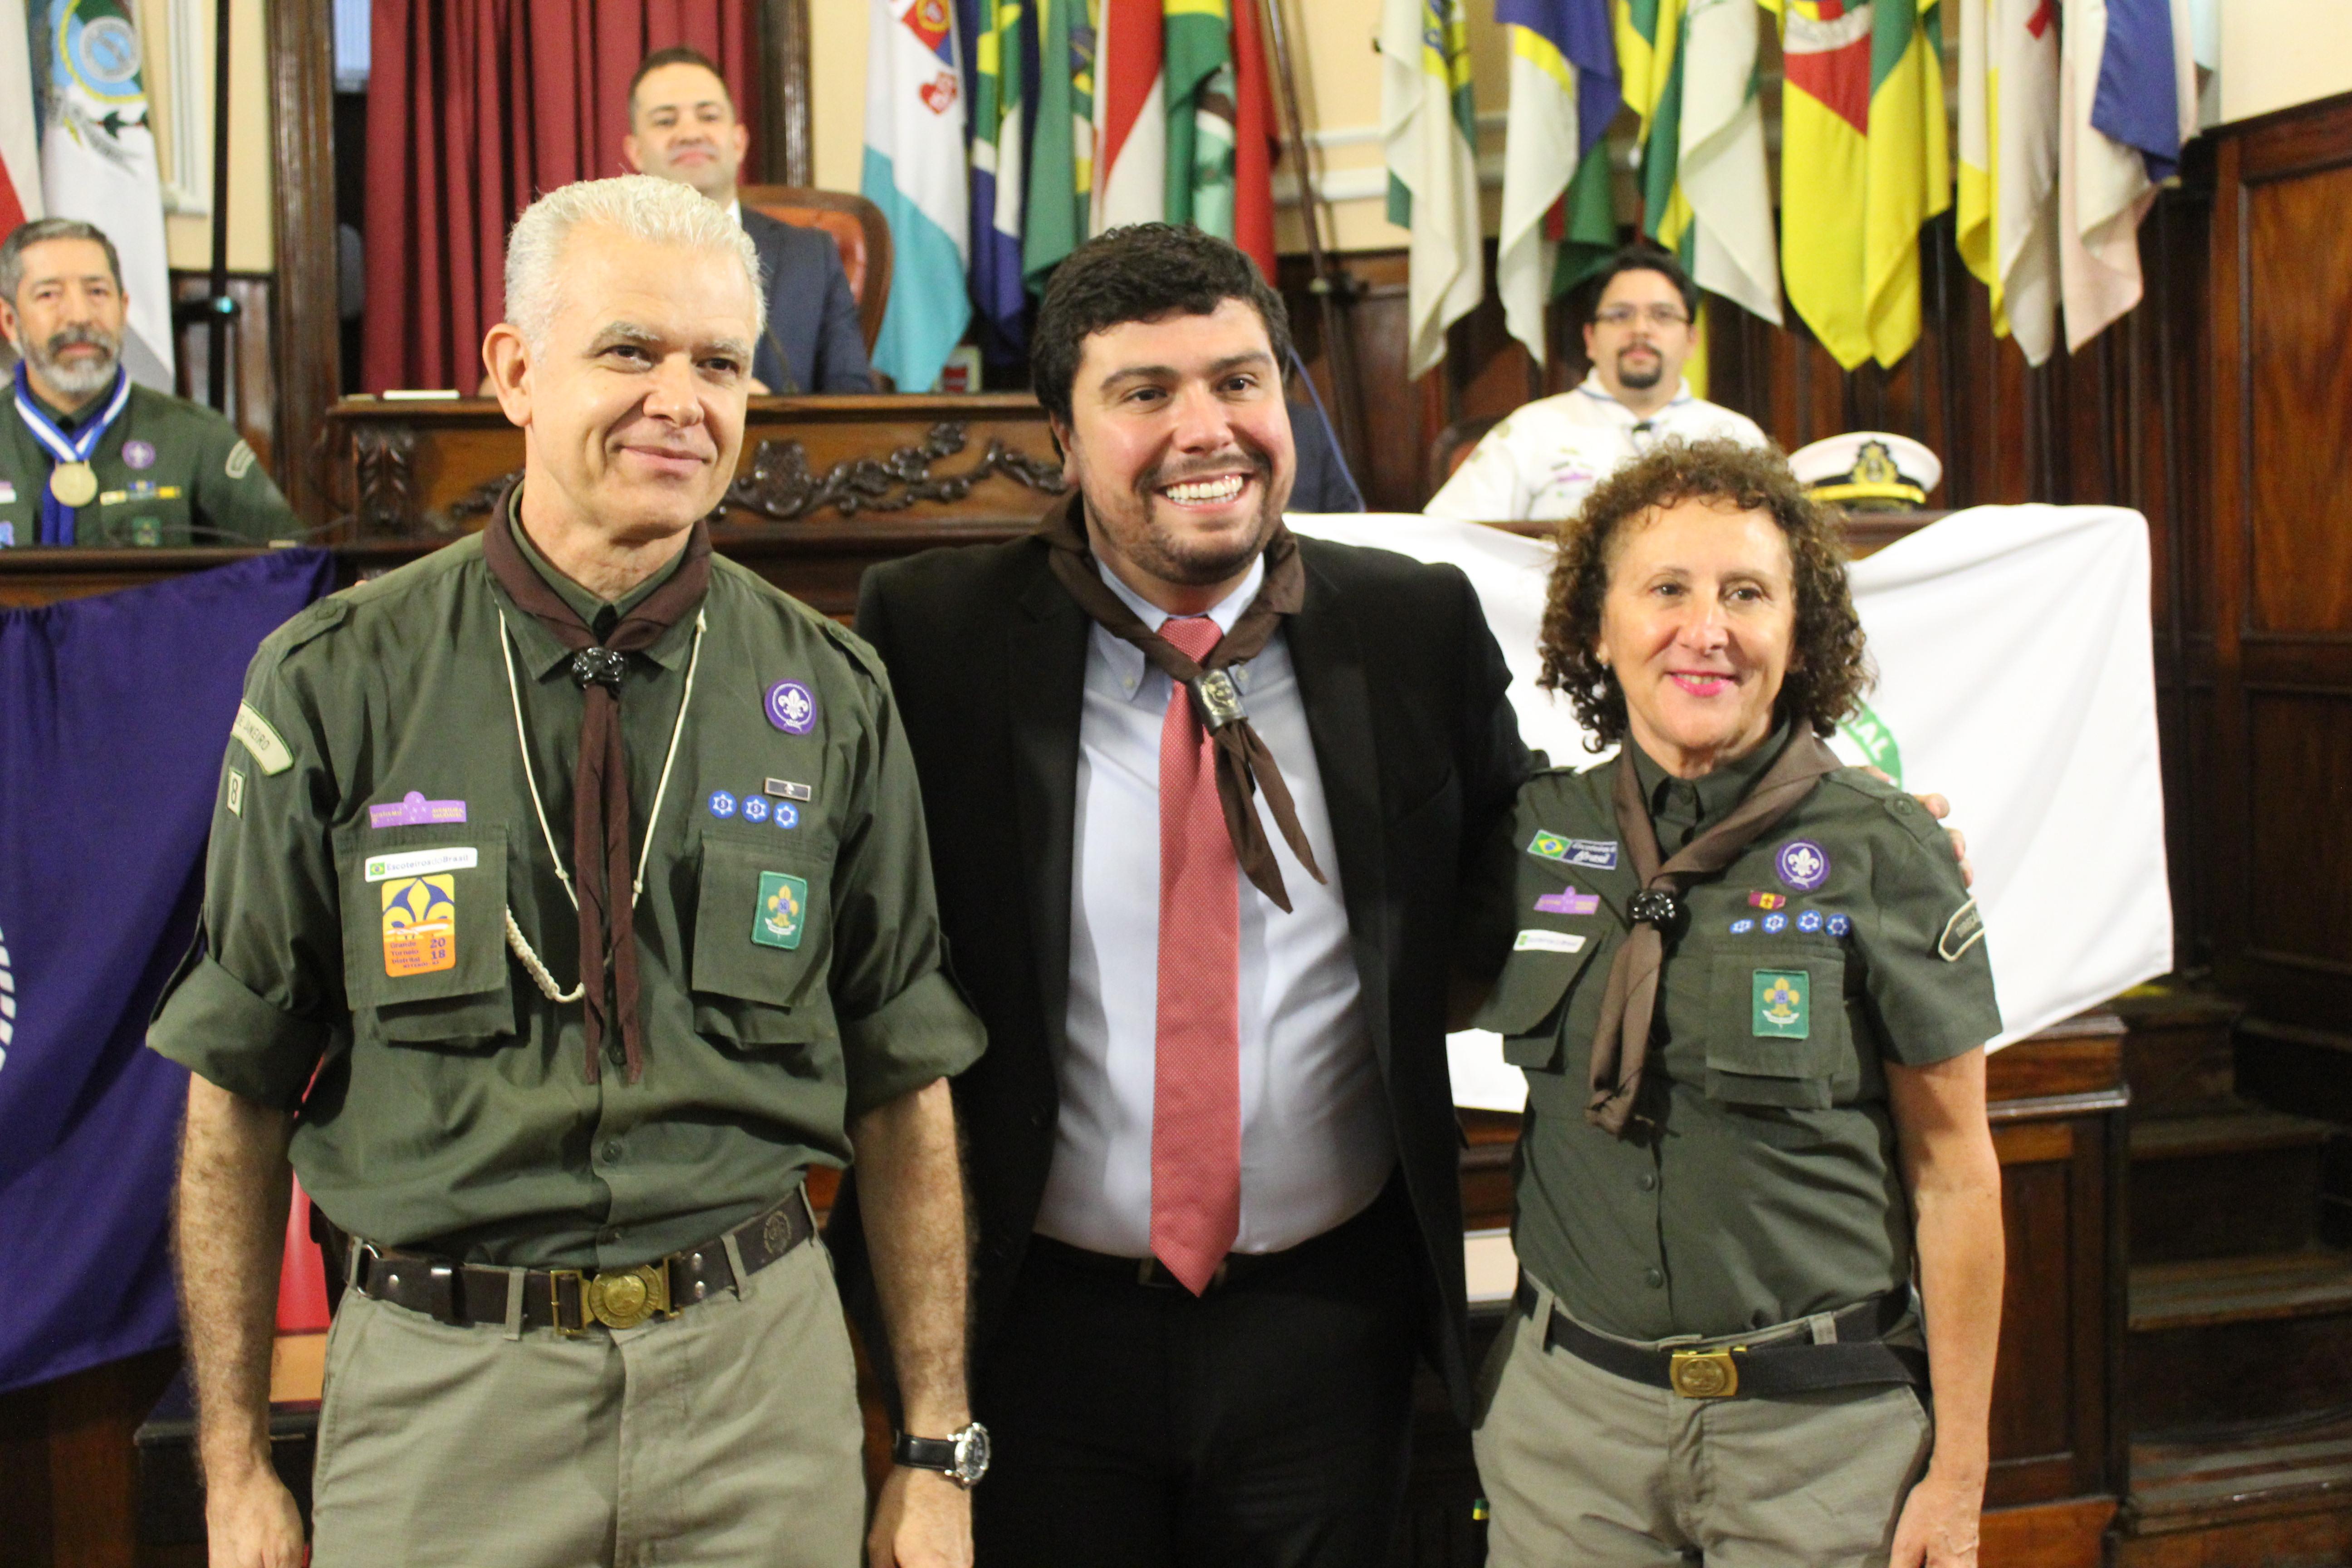 Vereador Bruno Lessa recebe o lenço do escoteiro, importante símbolo do vestuário do movimento